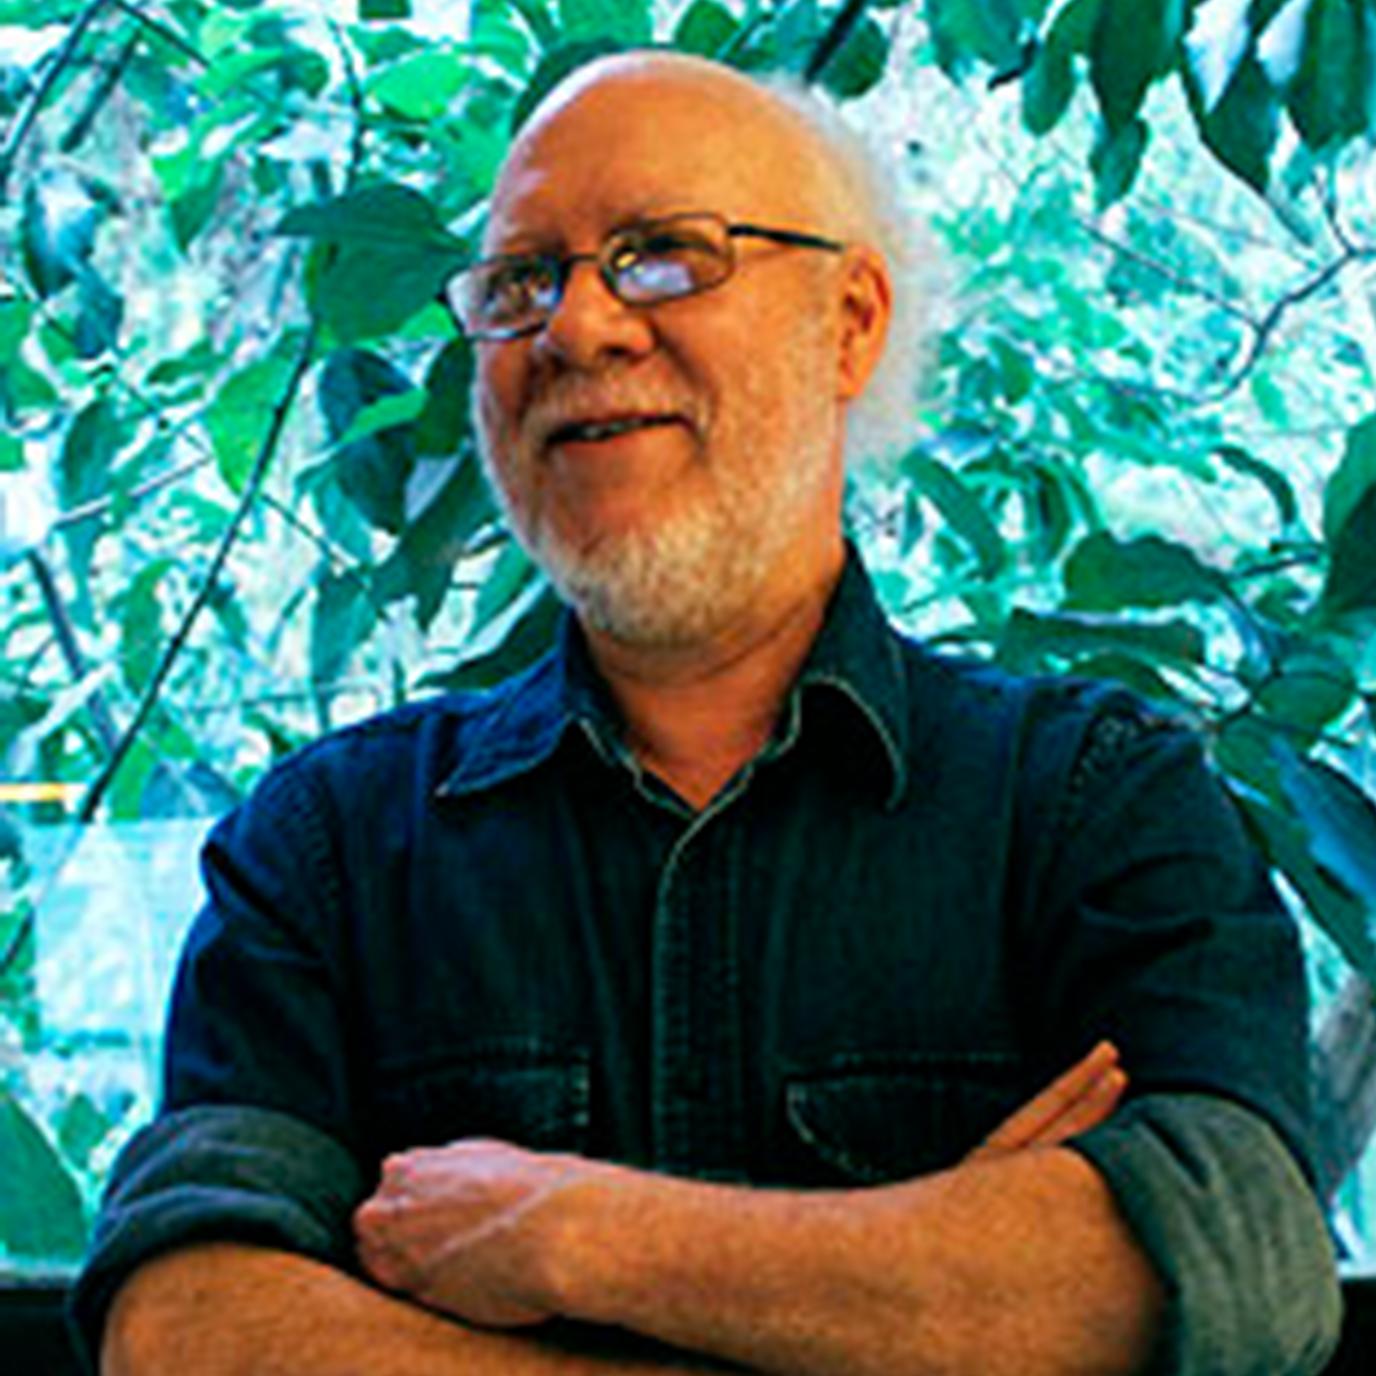 Severo Tenório - Arquiteto e Urbanista. Coordenador de projetos.